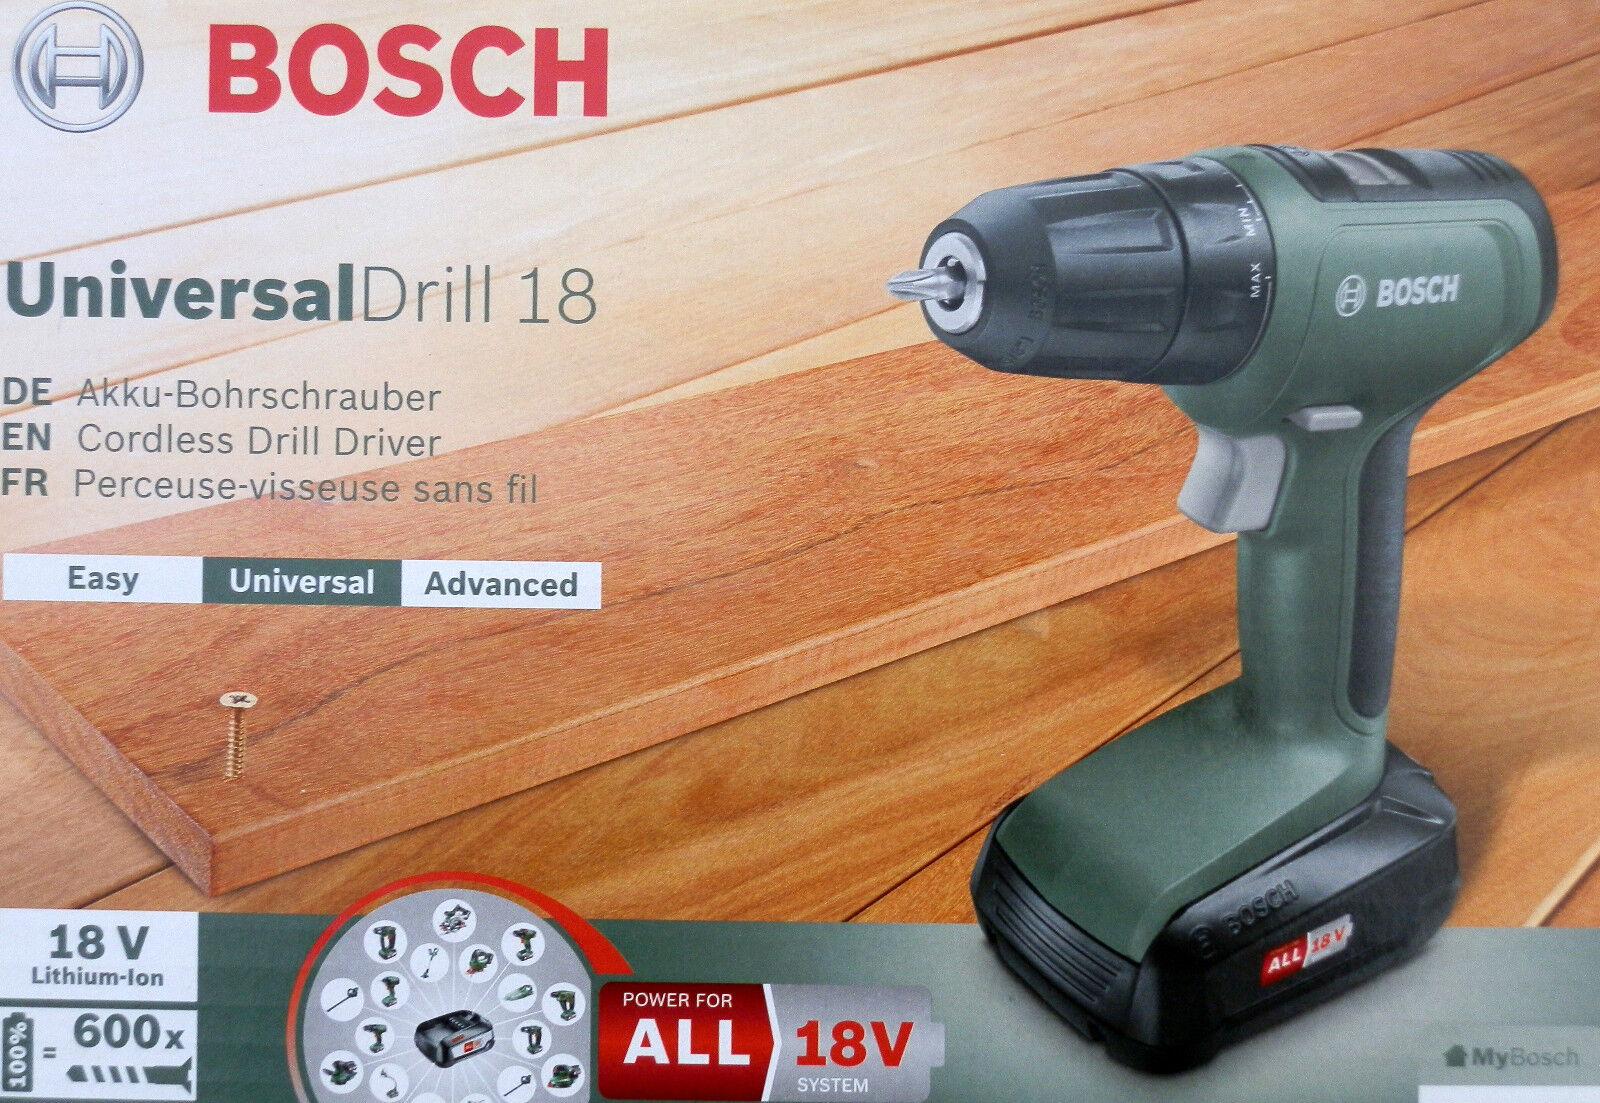 Bosch Home and Garden UniversalDrill 18 Akku-Bohrschrauber 18V 1.5Ah Li-Ion inkl